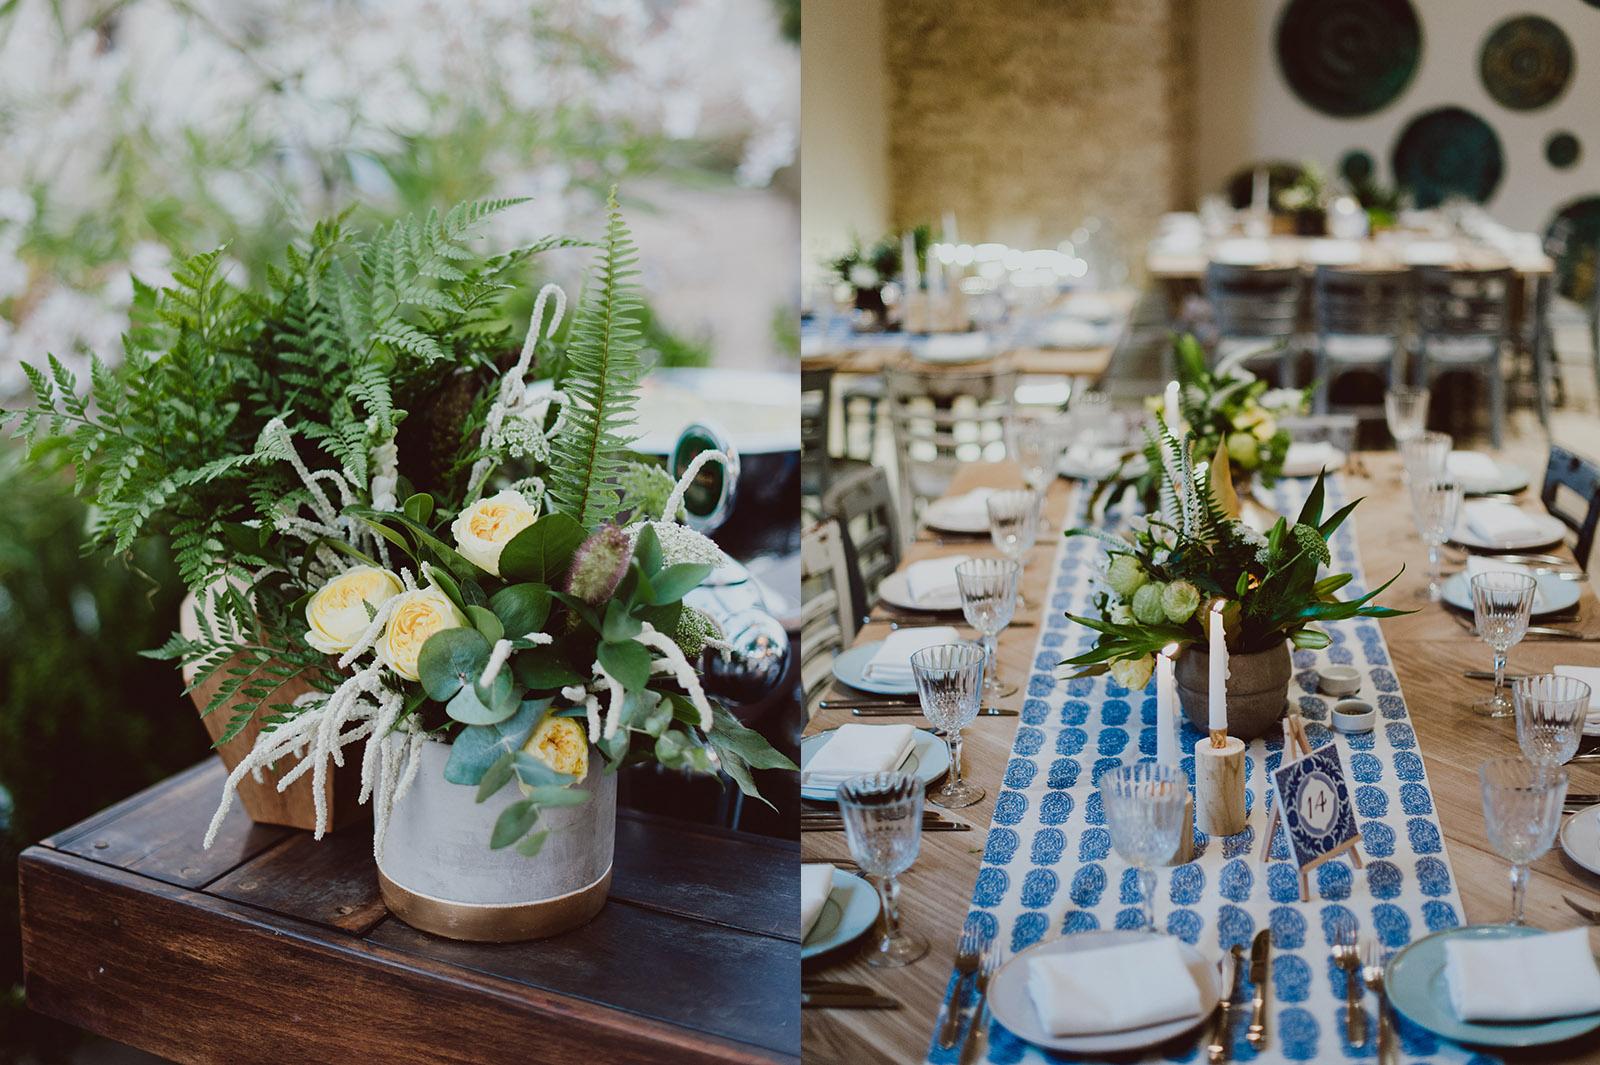 חתונה רומנטית בלורנס - יפו - עיצוב חתונה